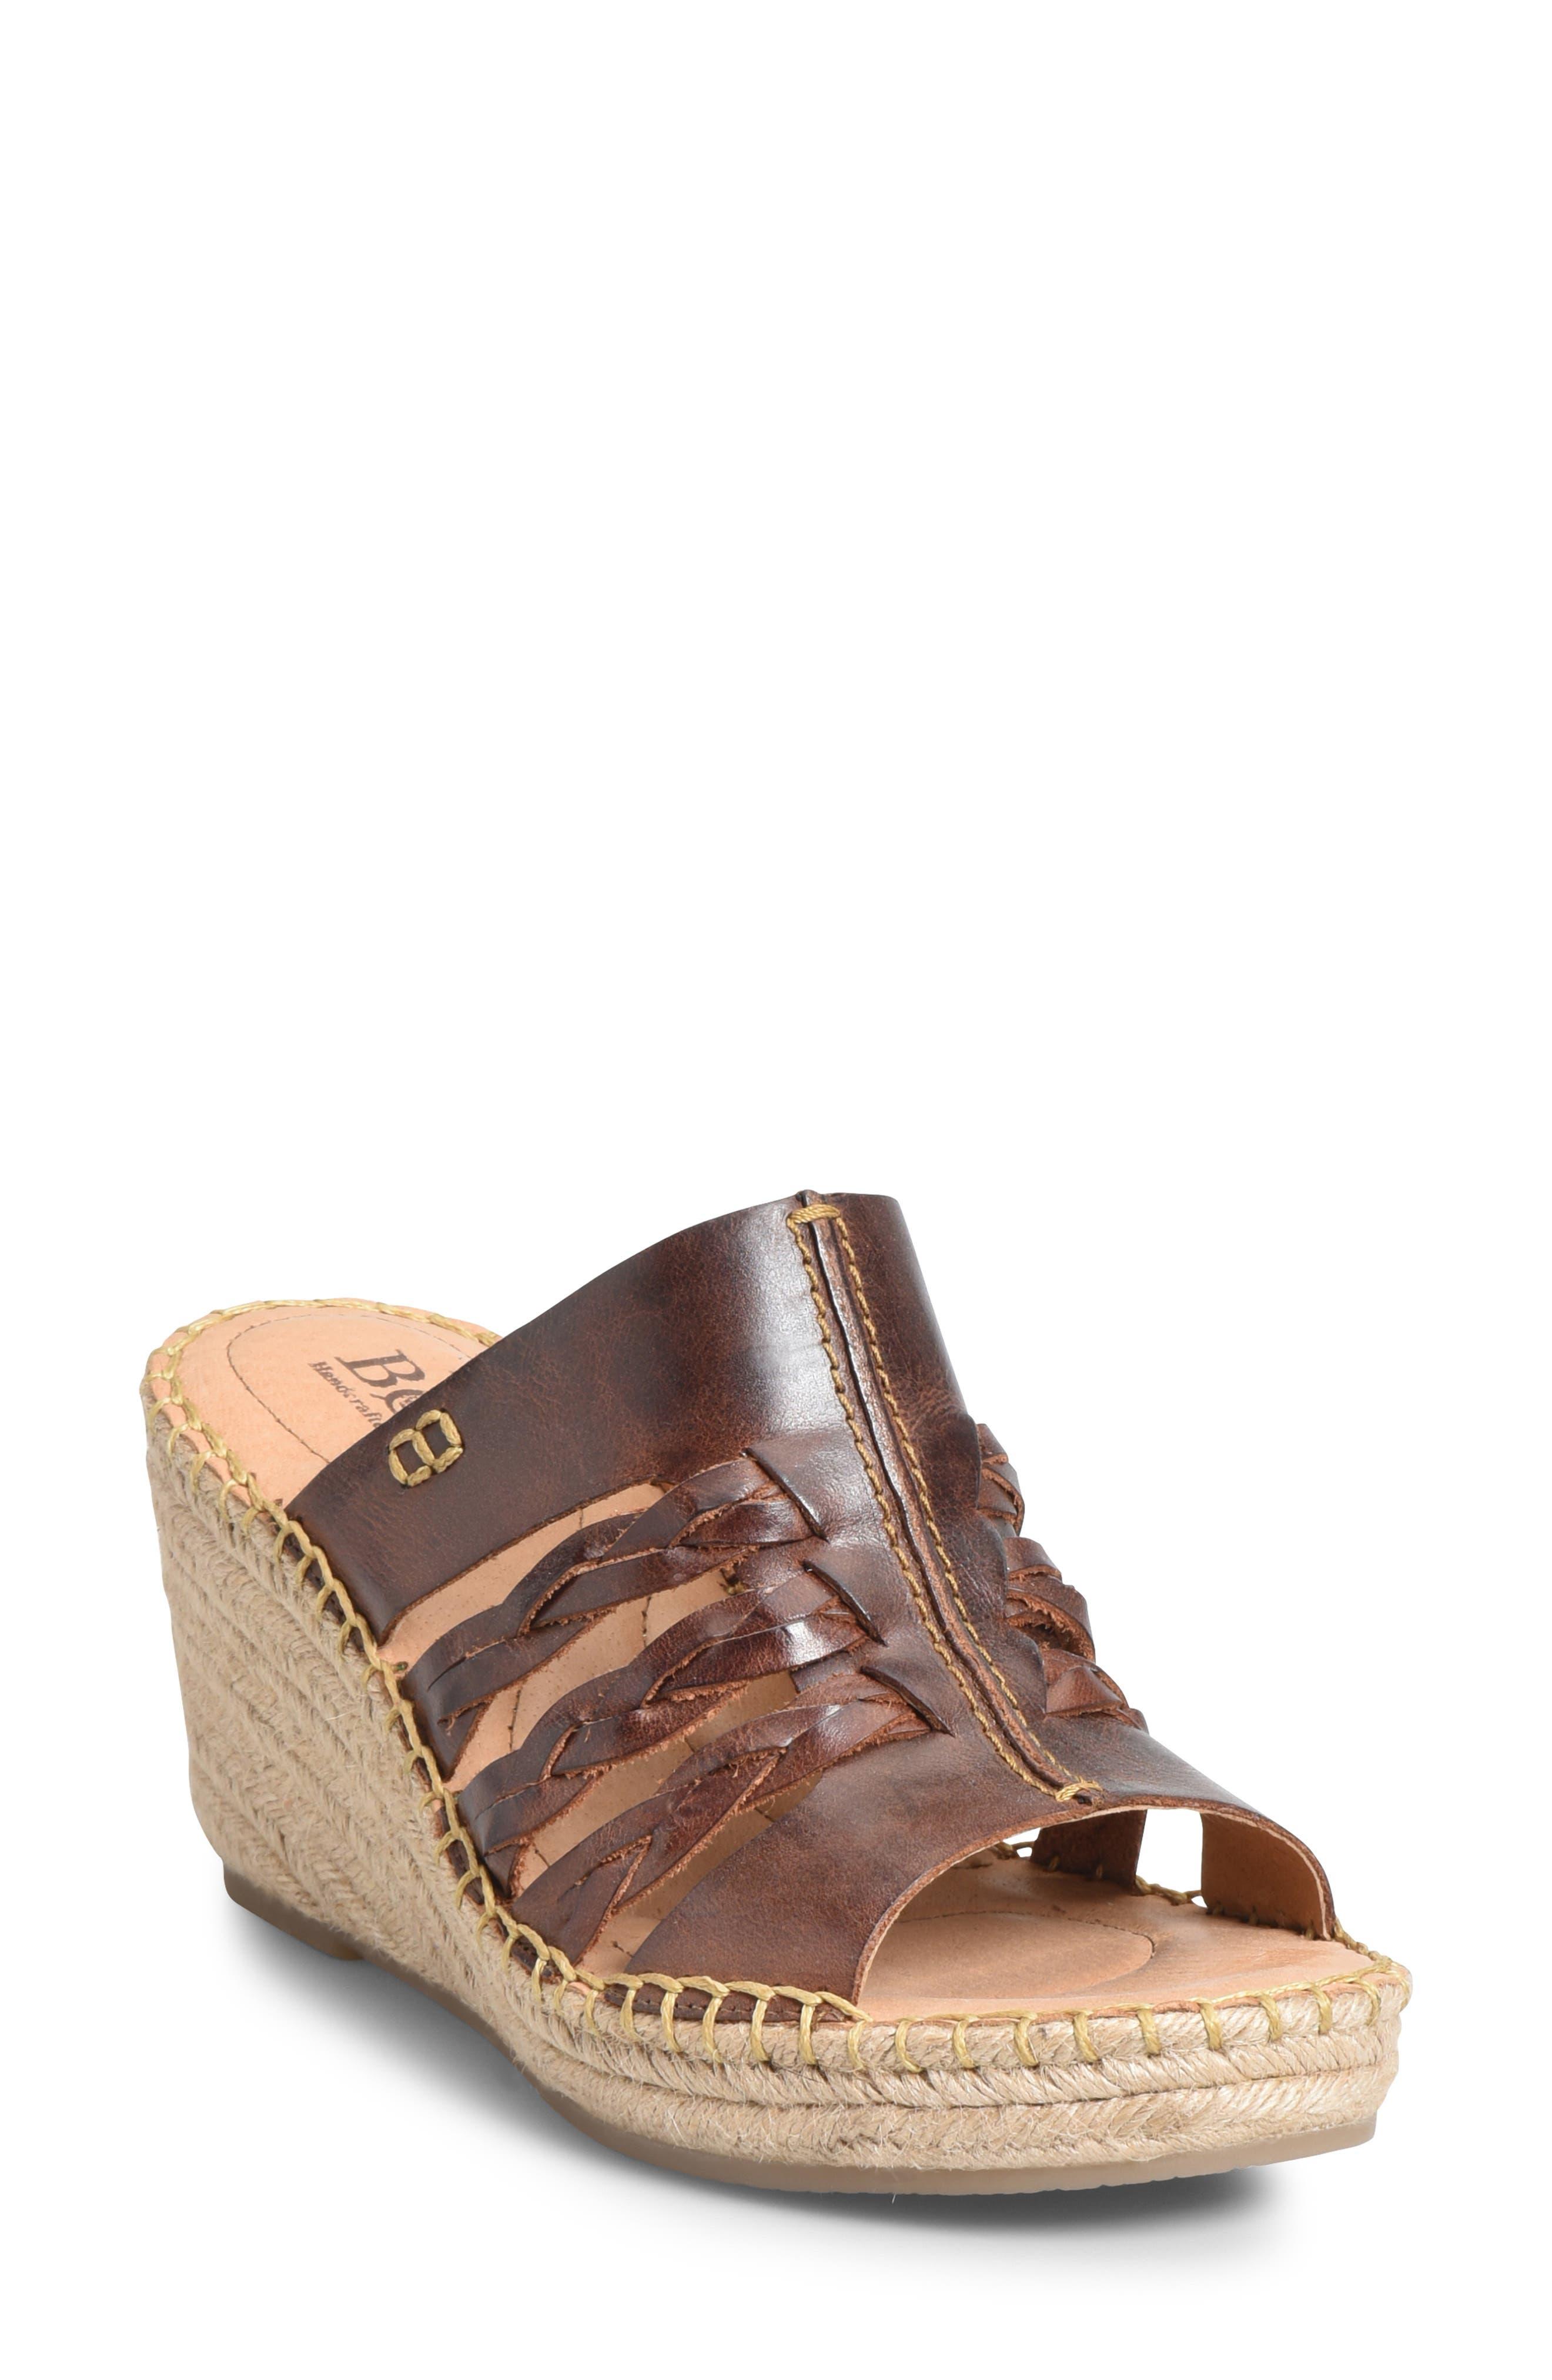 B?rn Pinal Wedge Slide Sandal, Brown